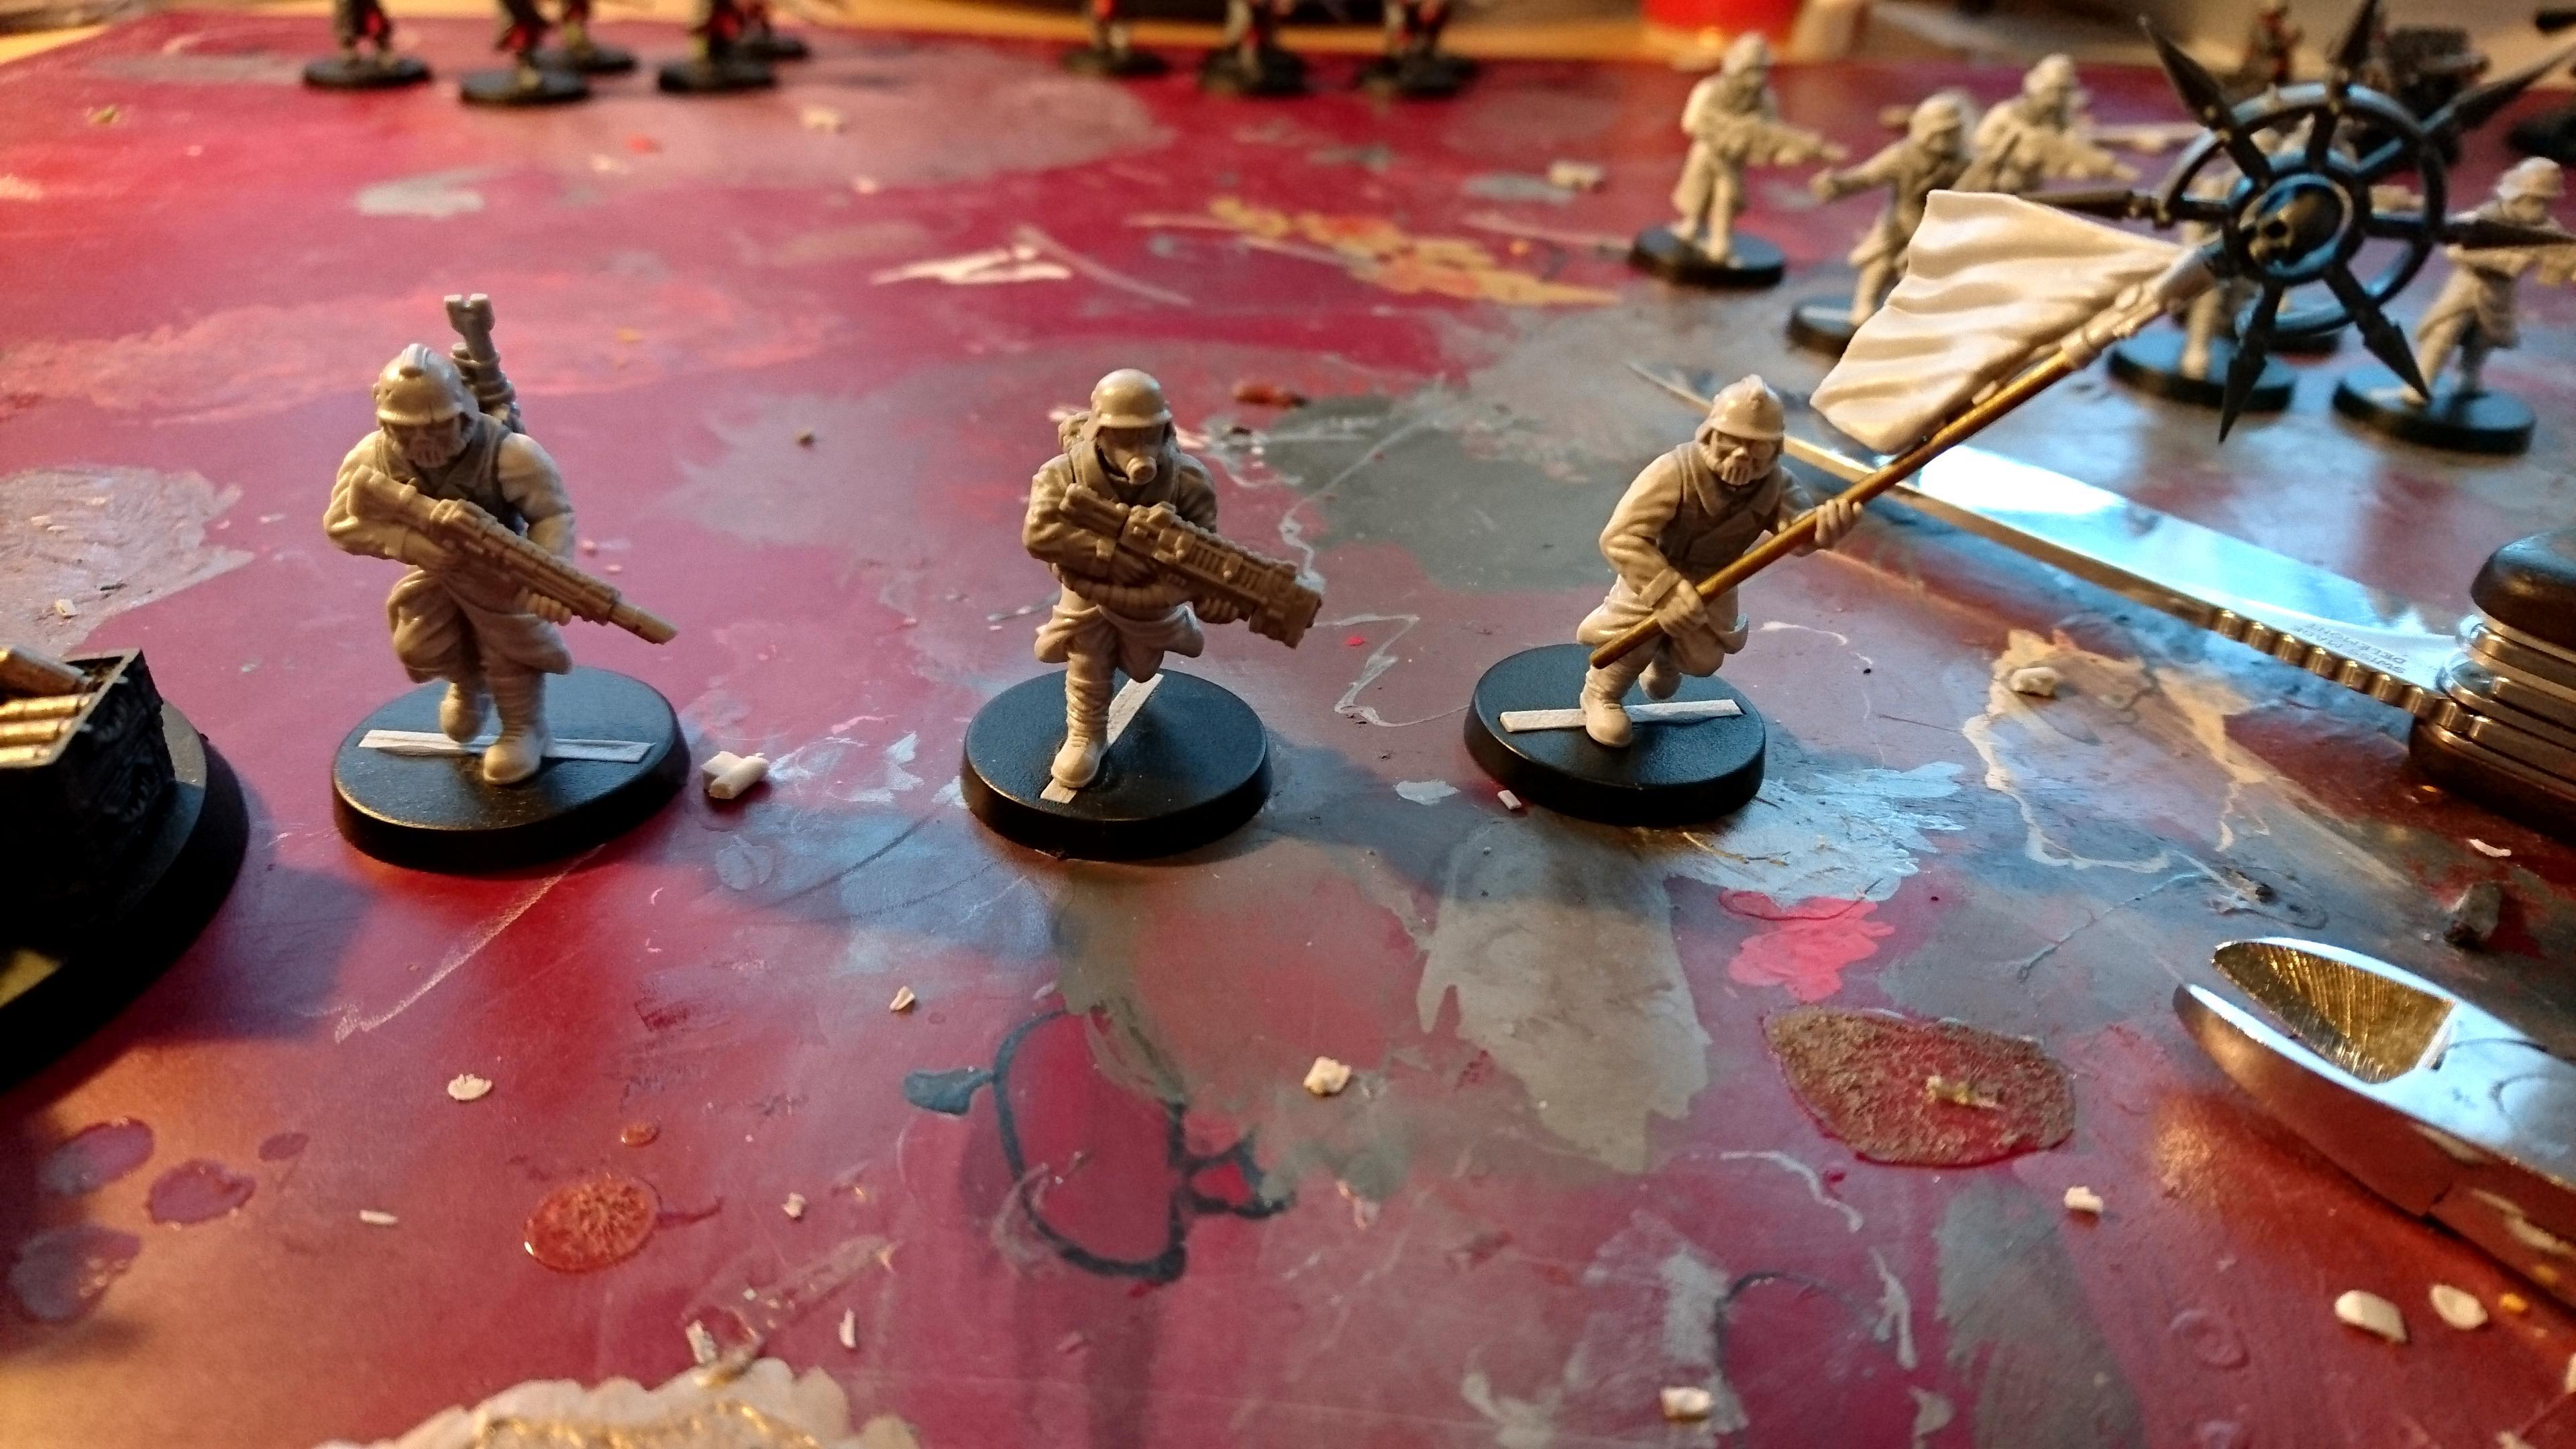 R&h, Renegades, 31. Mechanized Command Squad